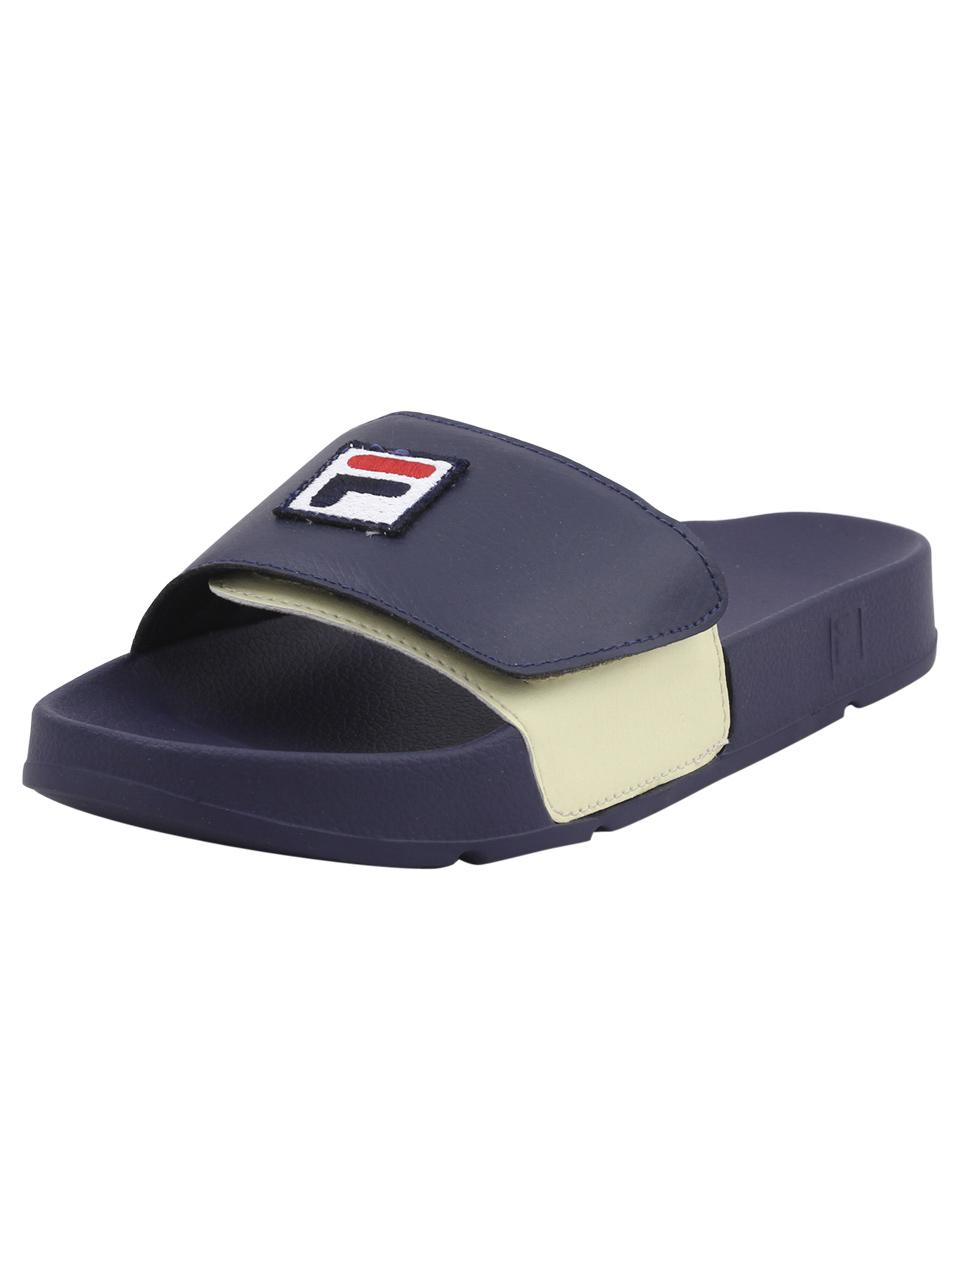 80570e3e11af Fila Men s Drifter Strap Navy Red Cream Slides Sandals Shoes